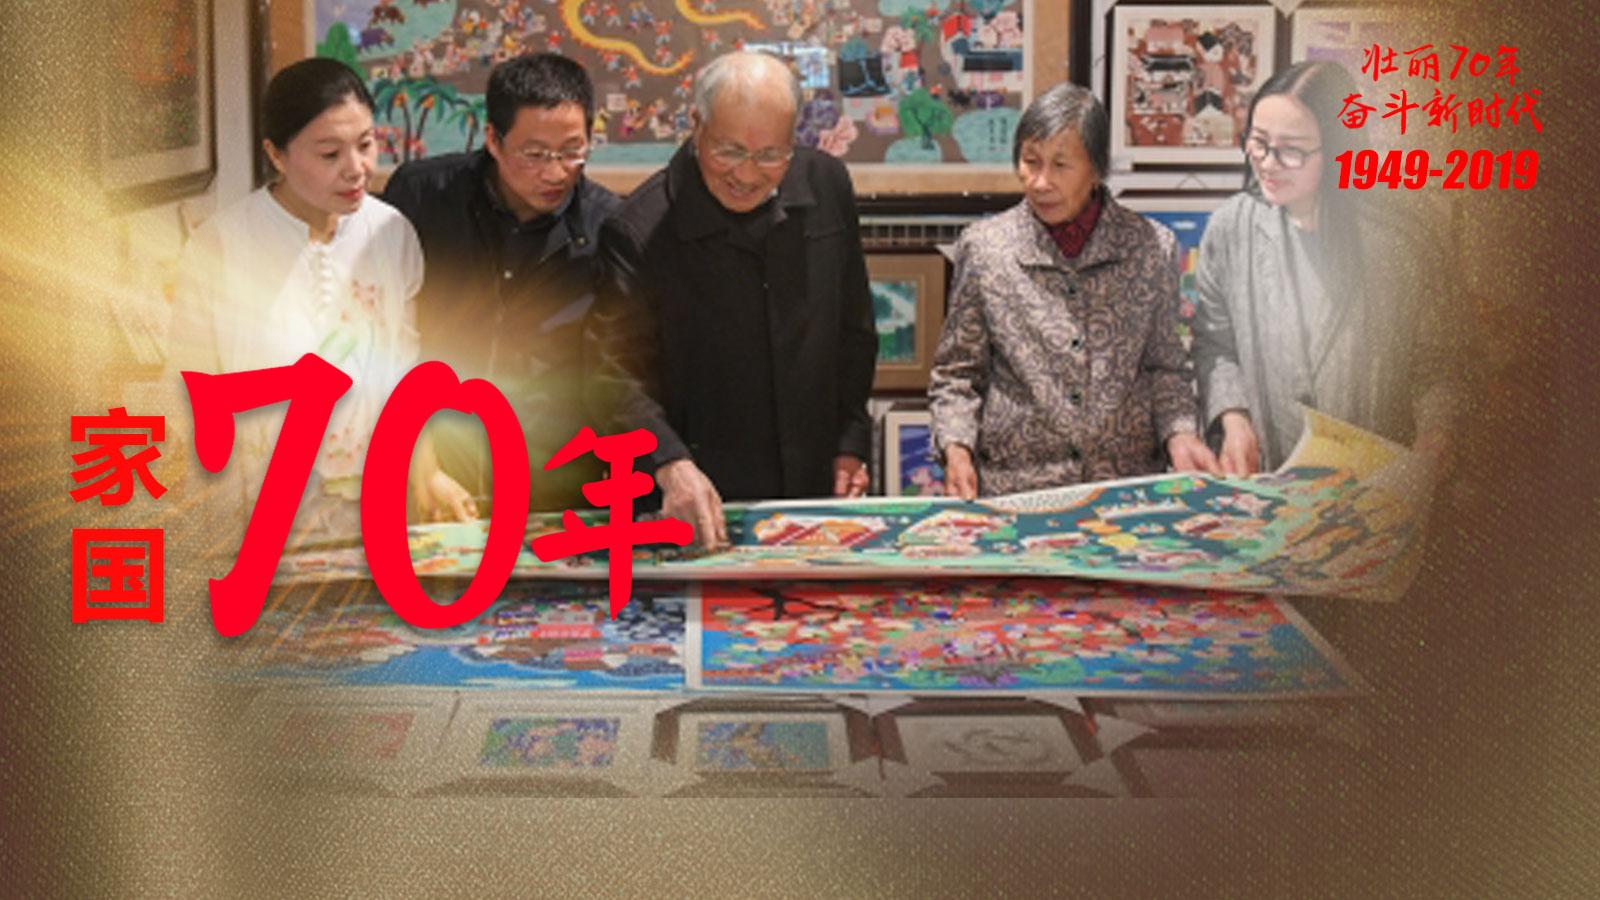 家国70年|陈富林一家四代九人均会作画,金山农民画世家共绘时代新卷